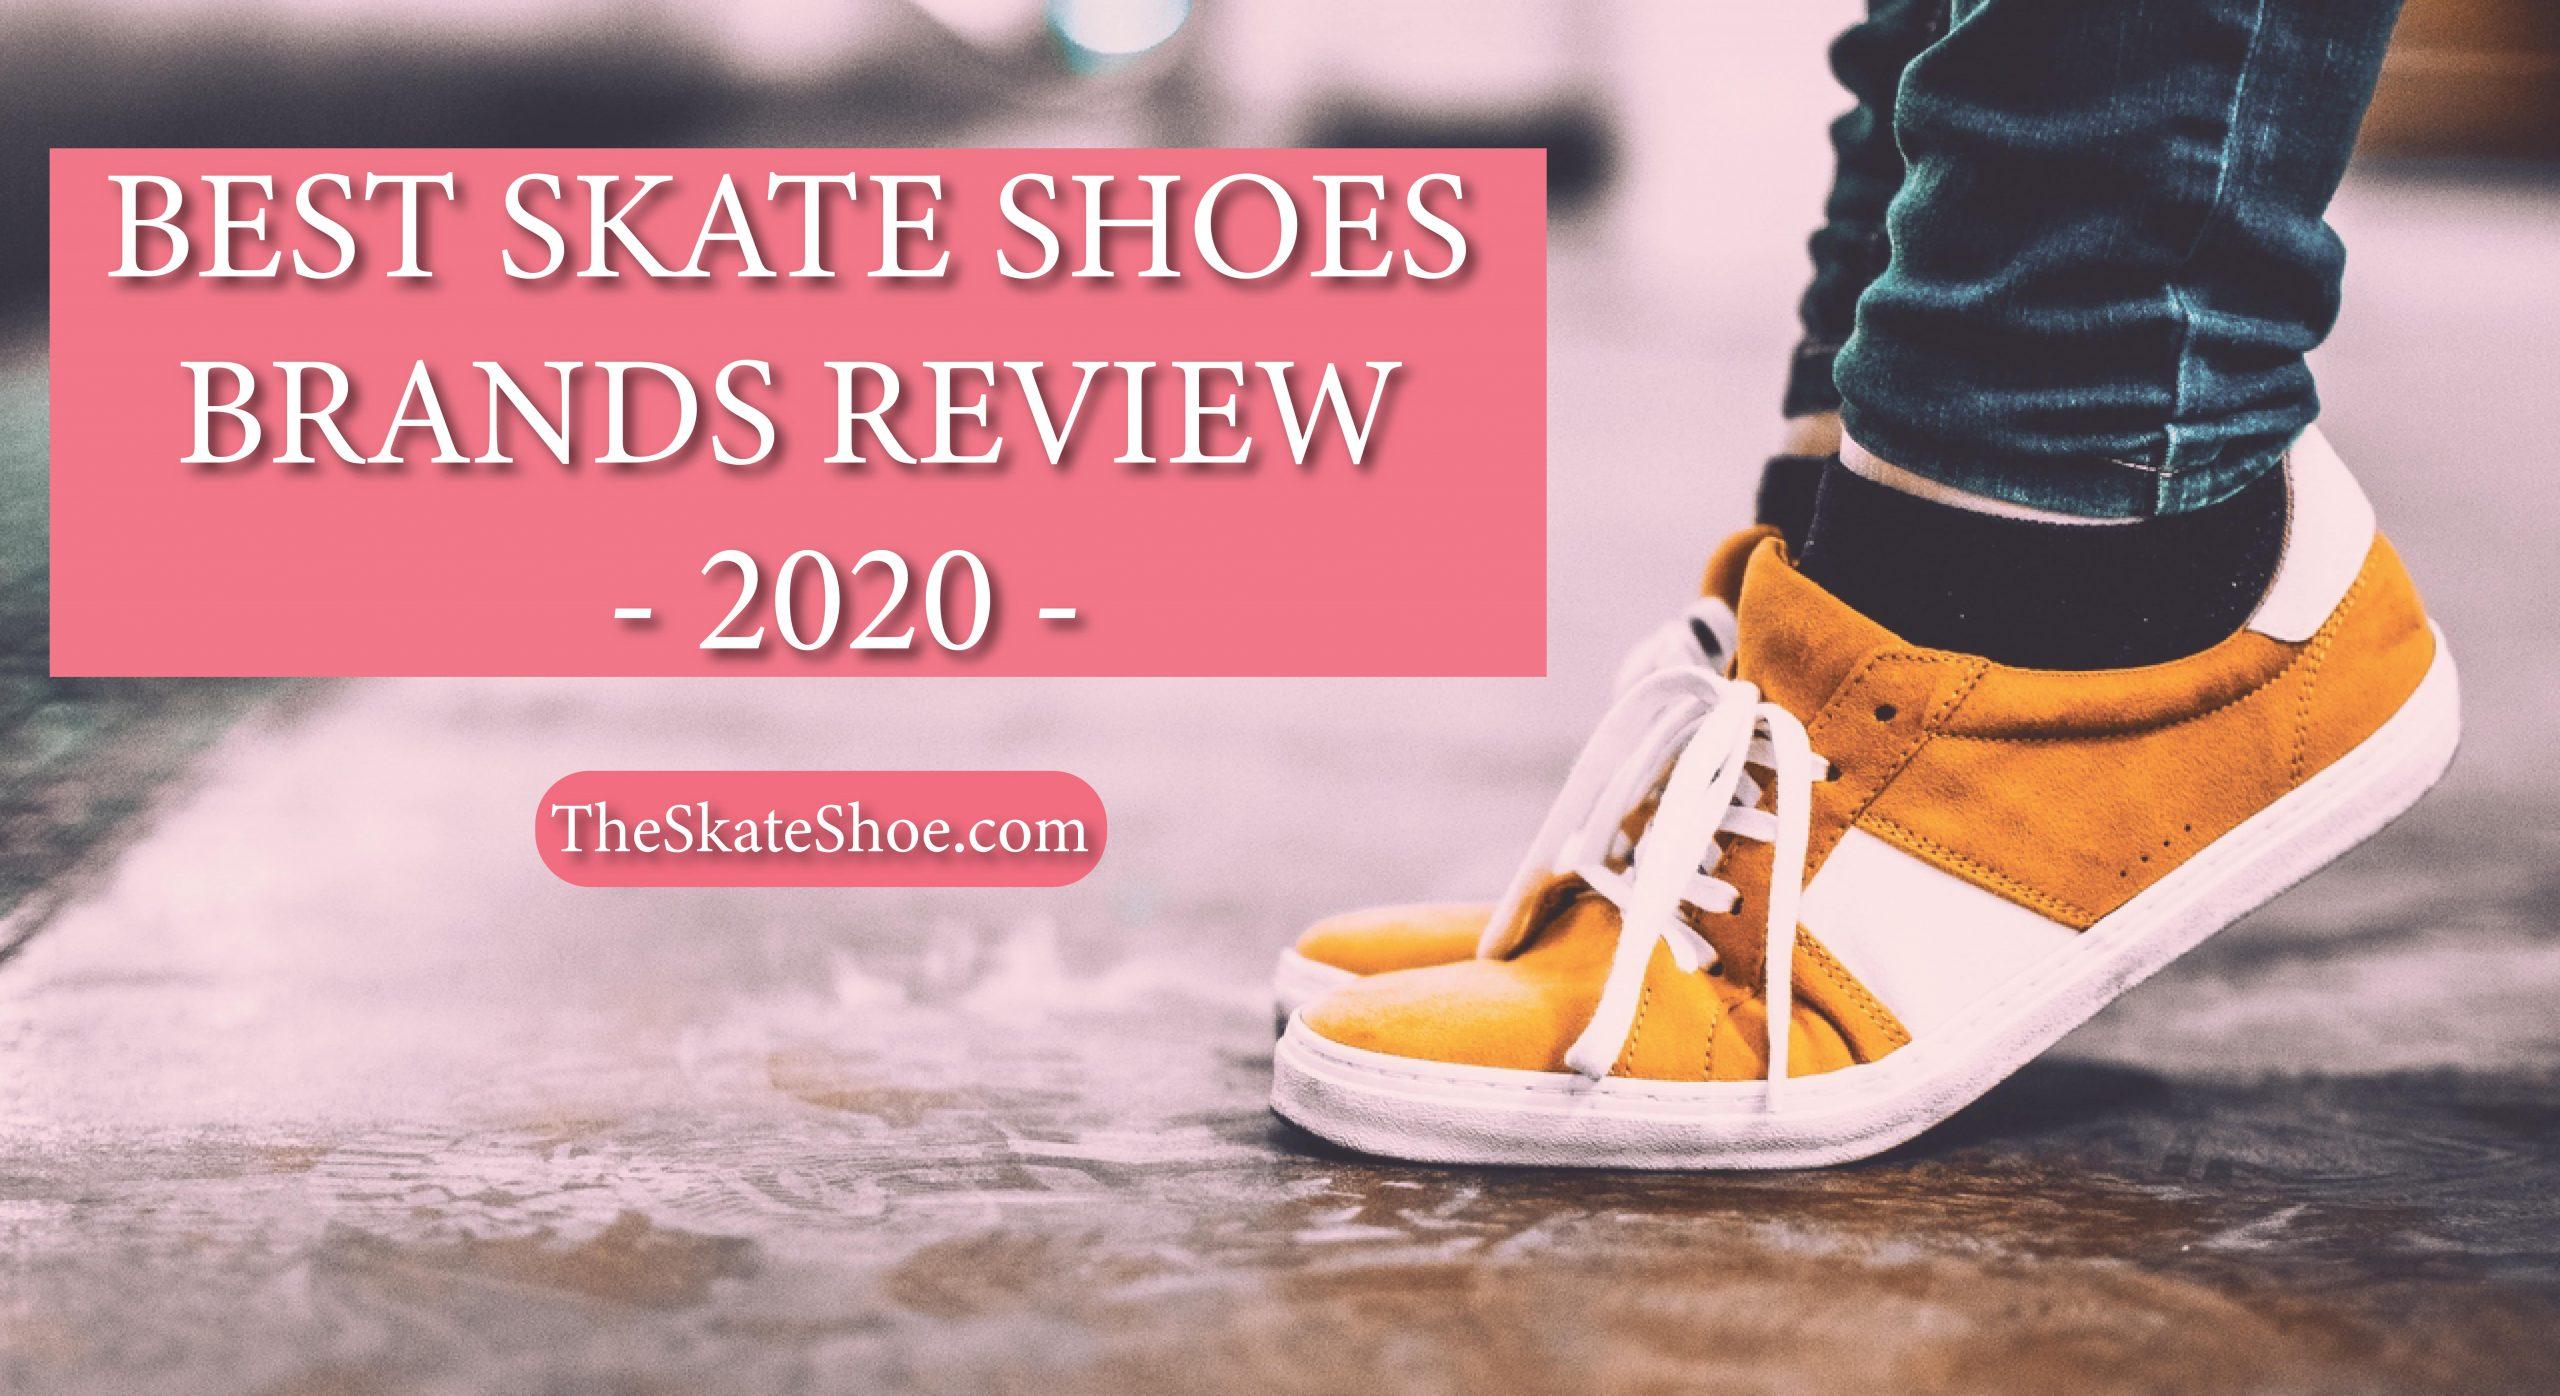 Best Skate Shoes Brands